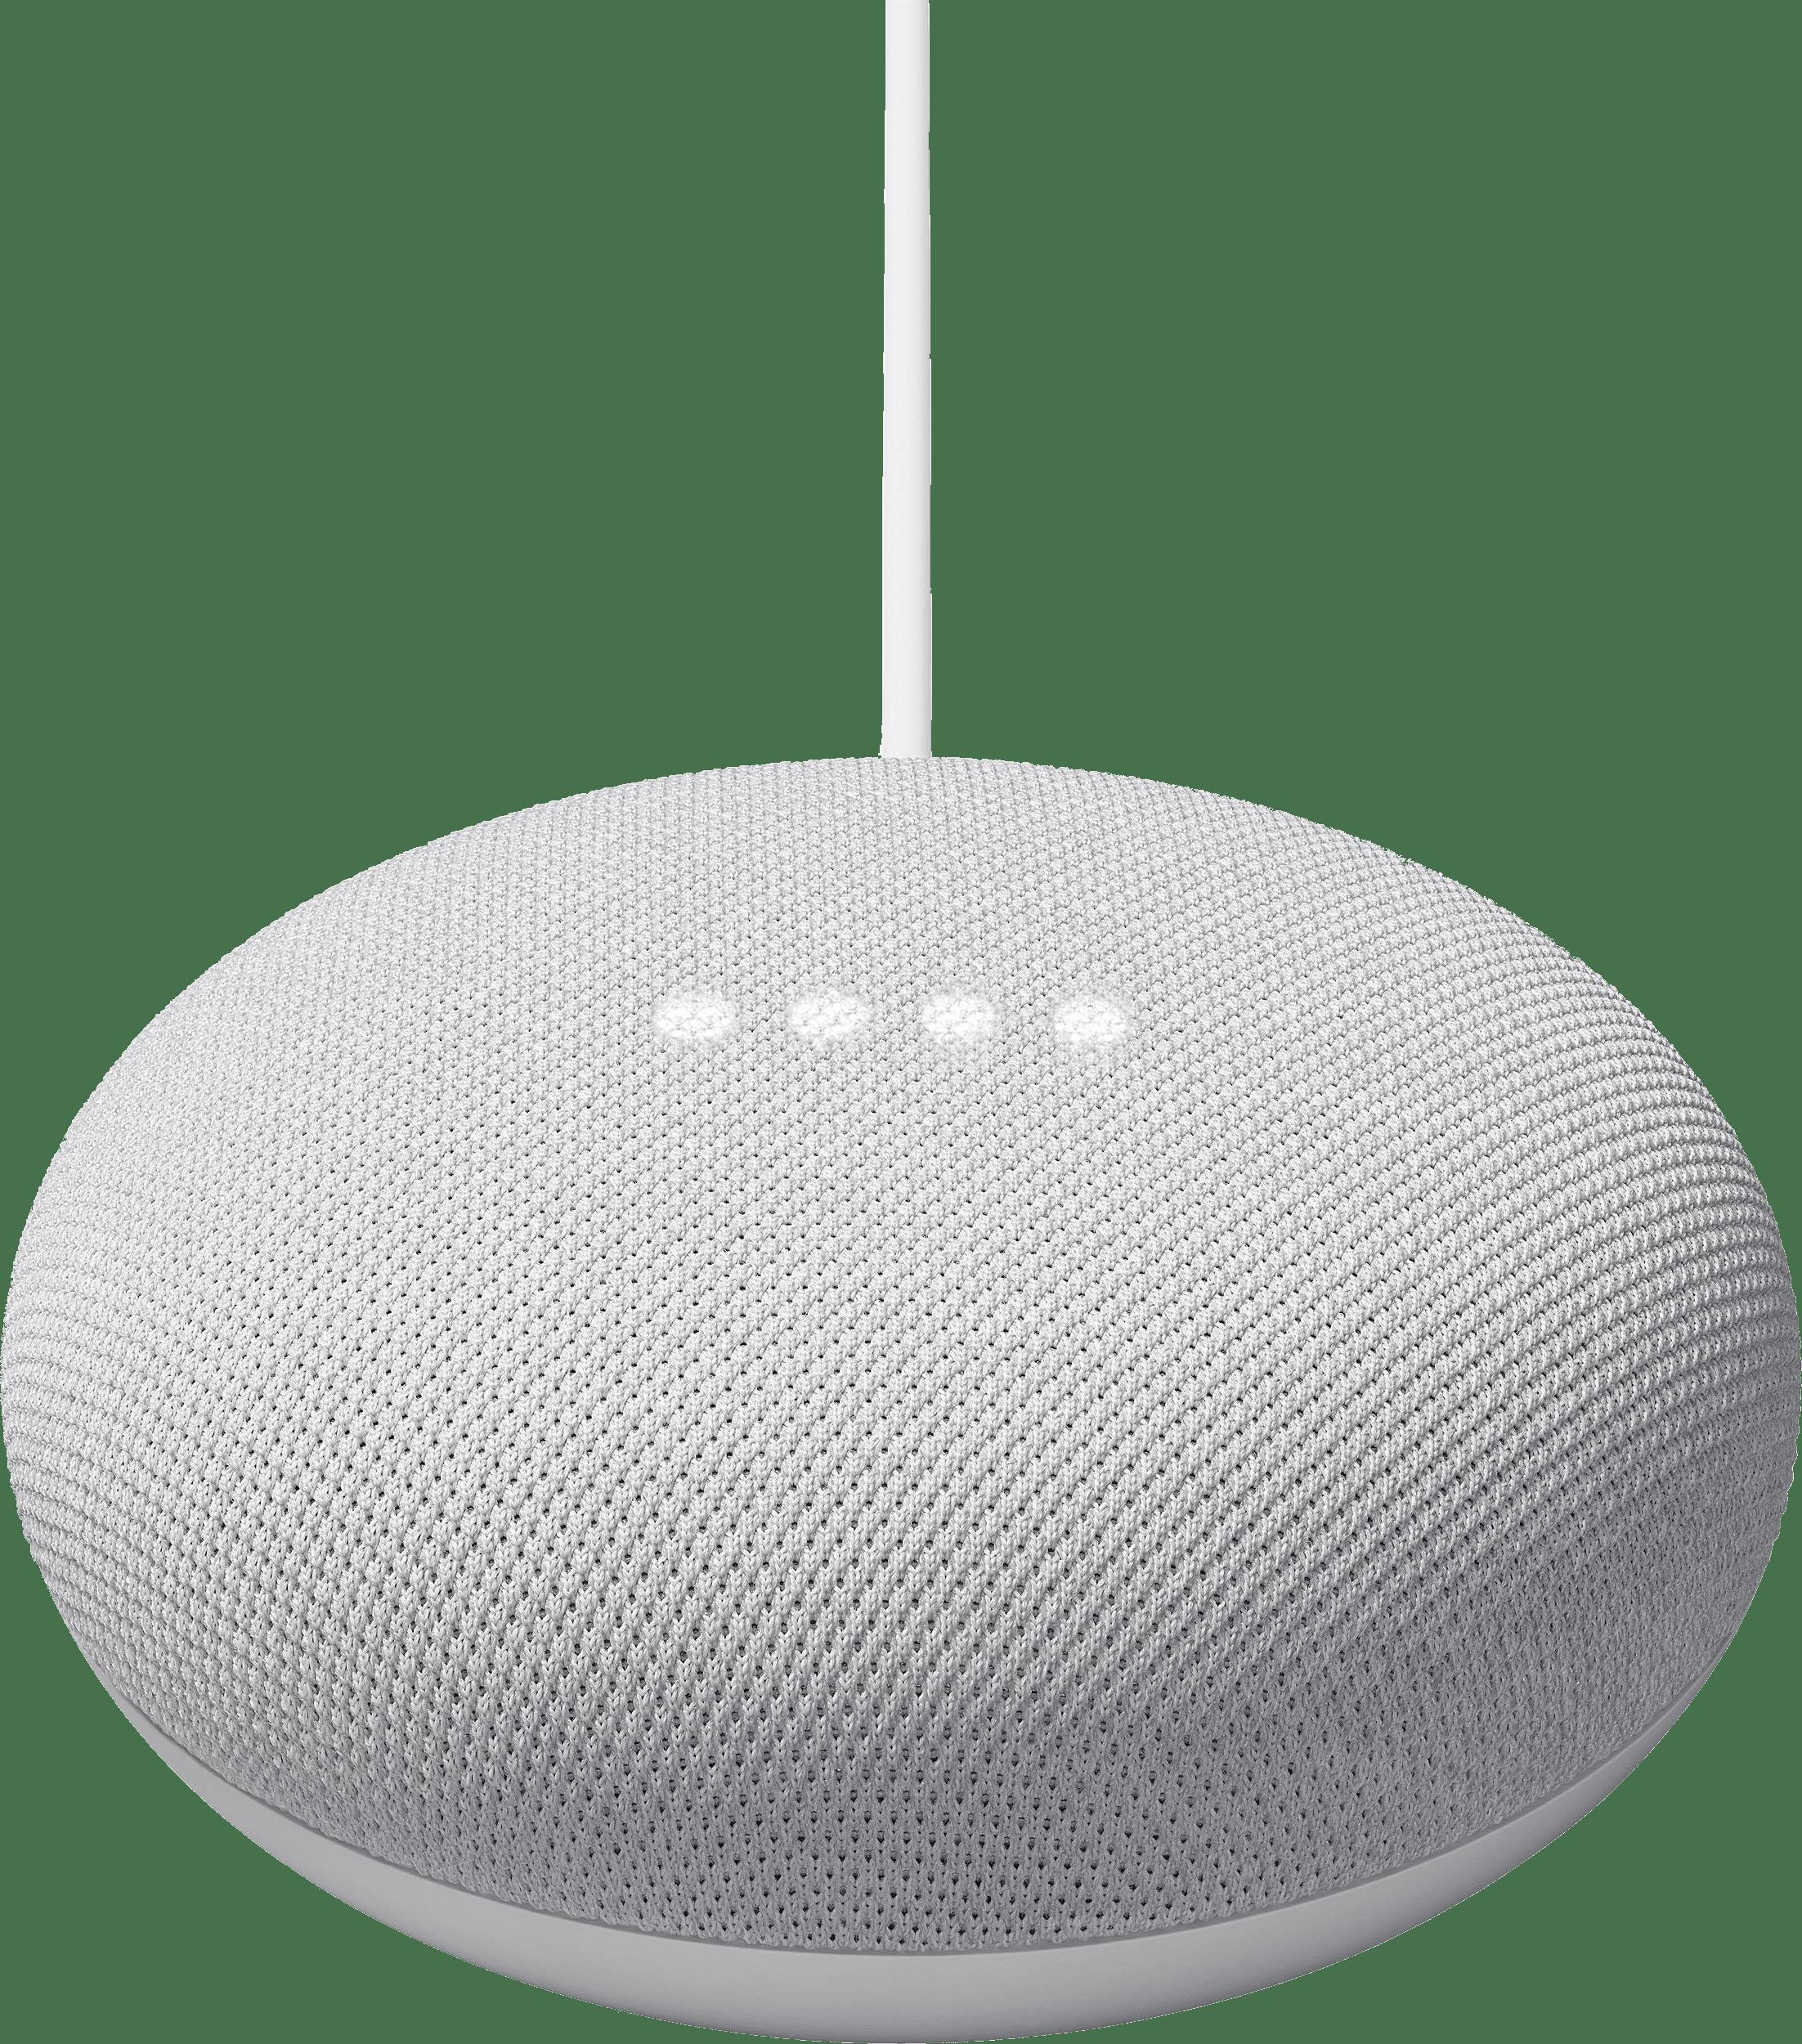 宜蘭德築建設,築米美學智慧宅,使用智慧家庭Google Nest Mini